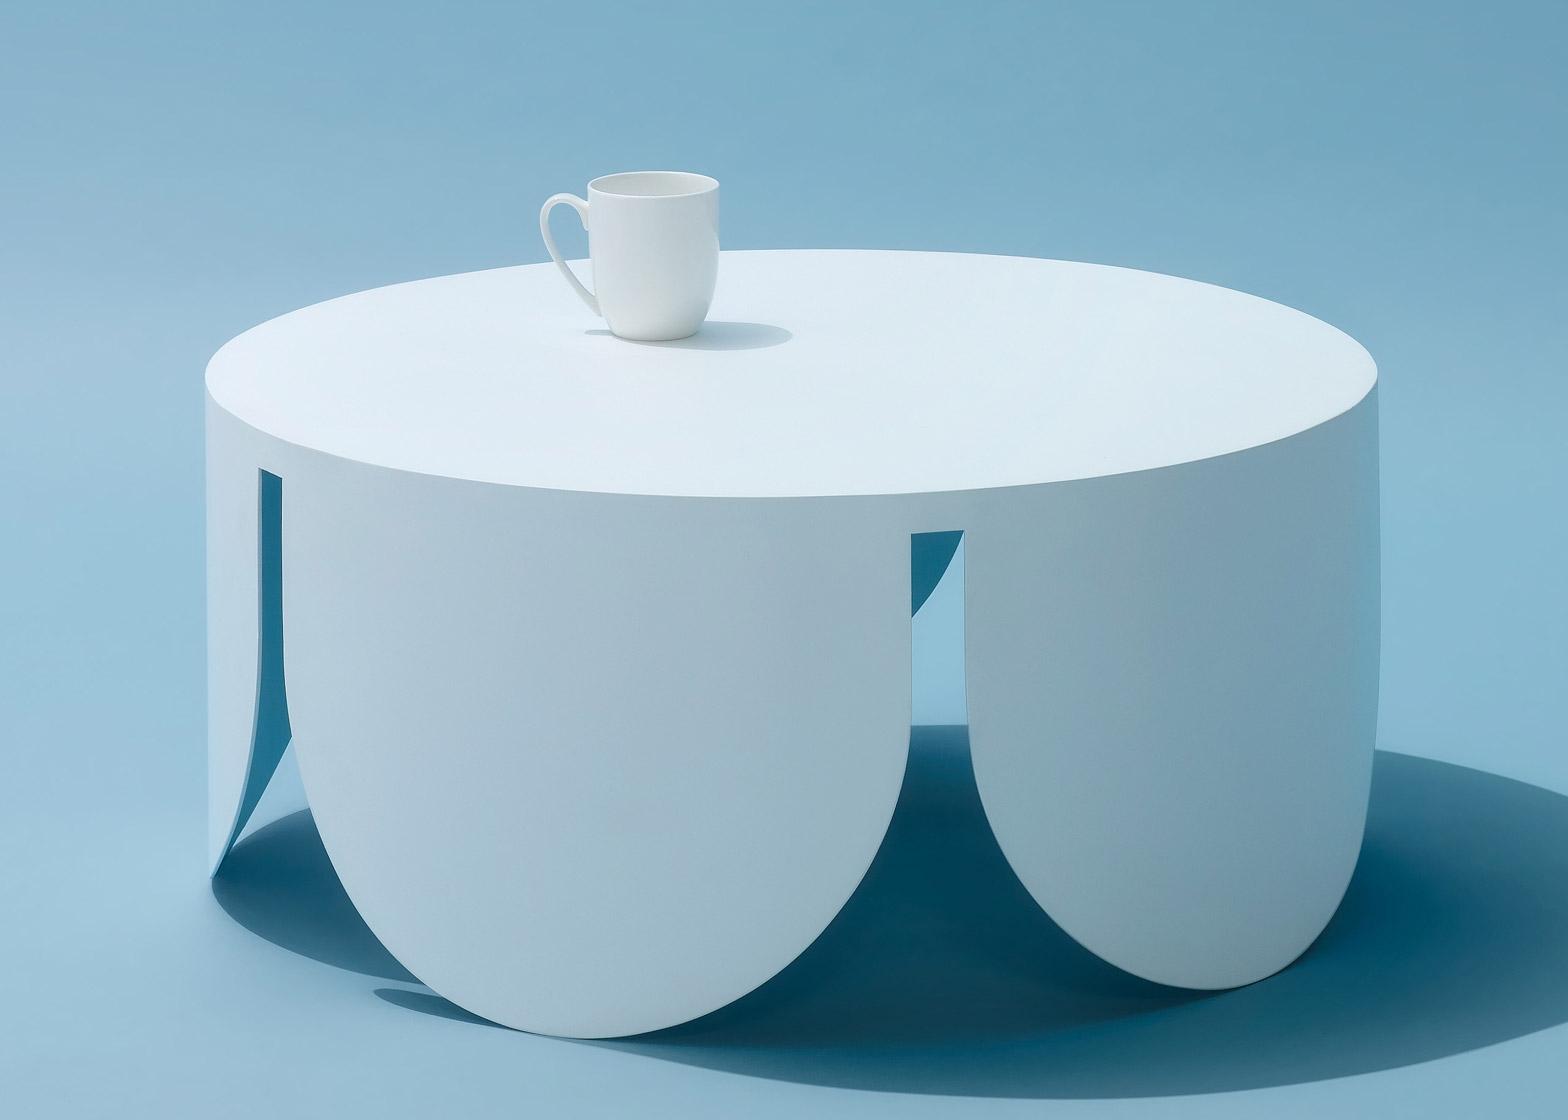 Кофейный стол с арками в белом цвете - Фото 2